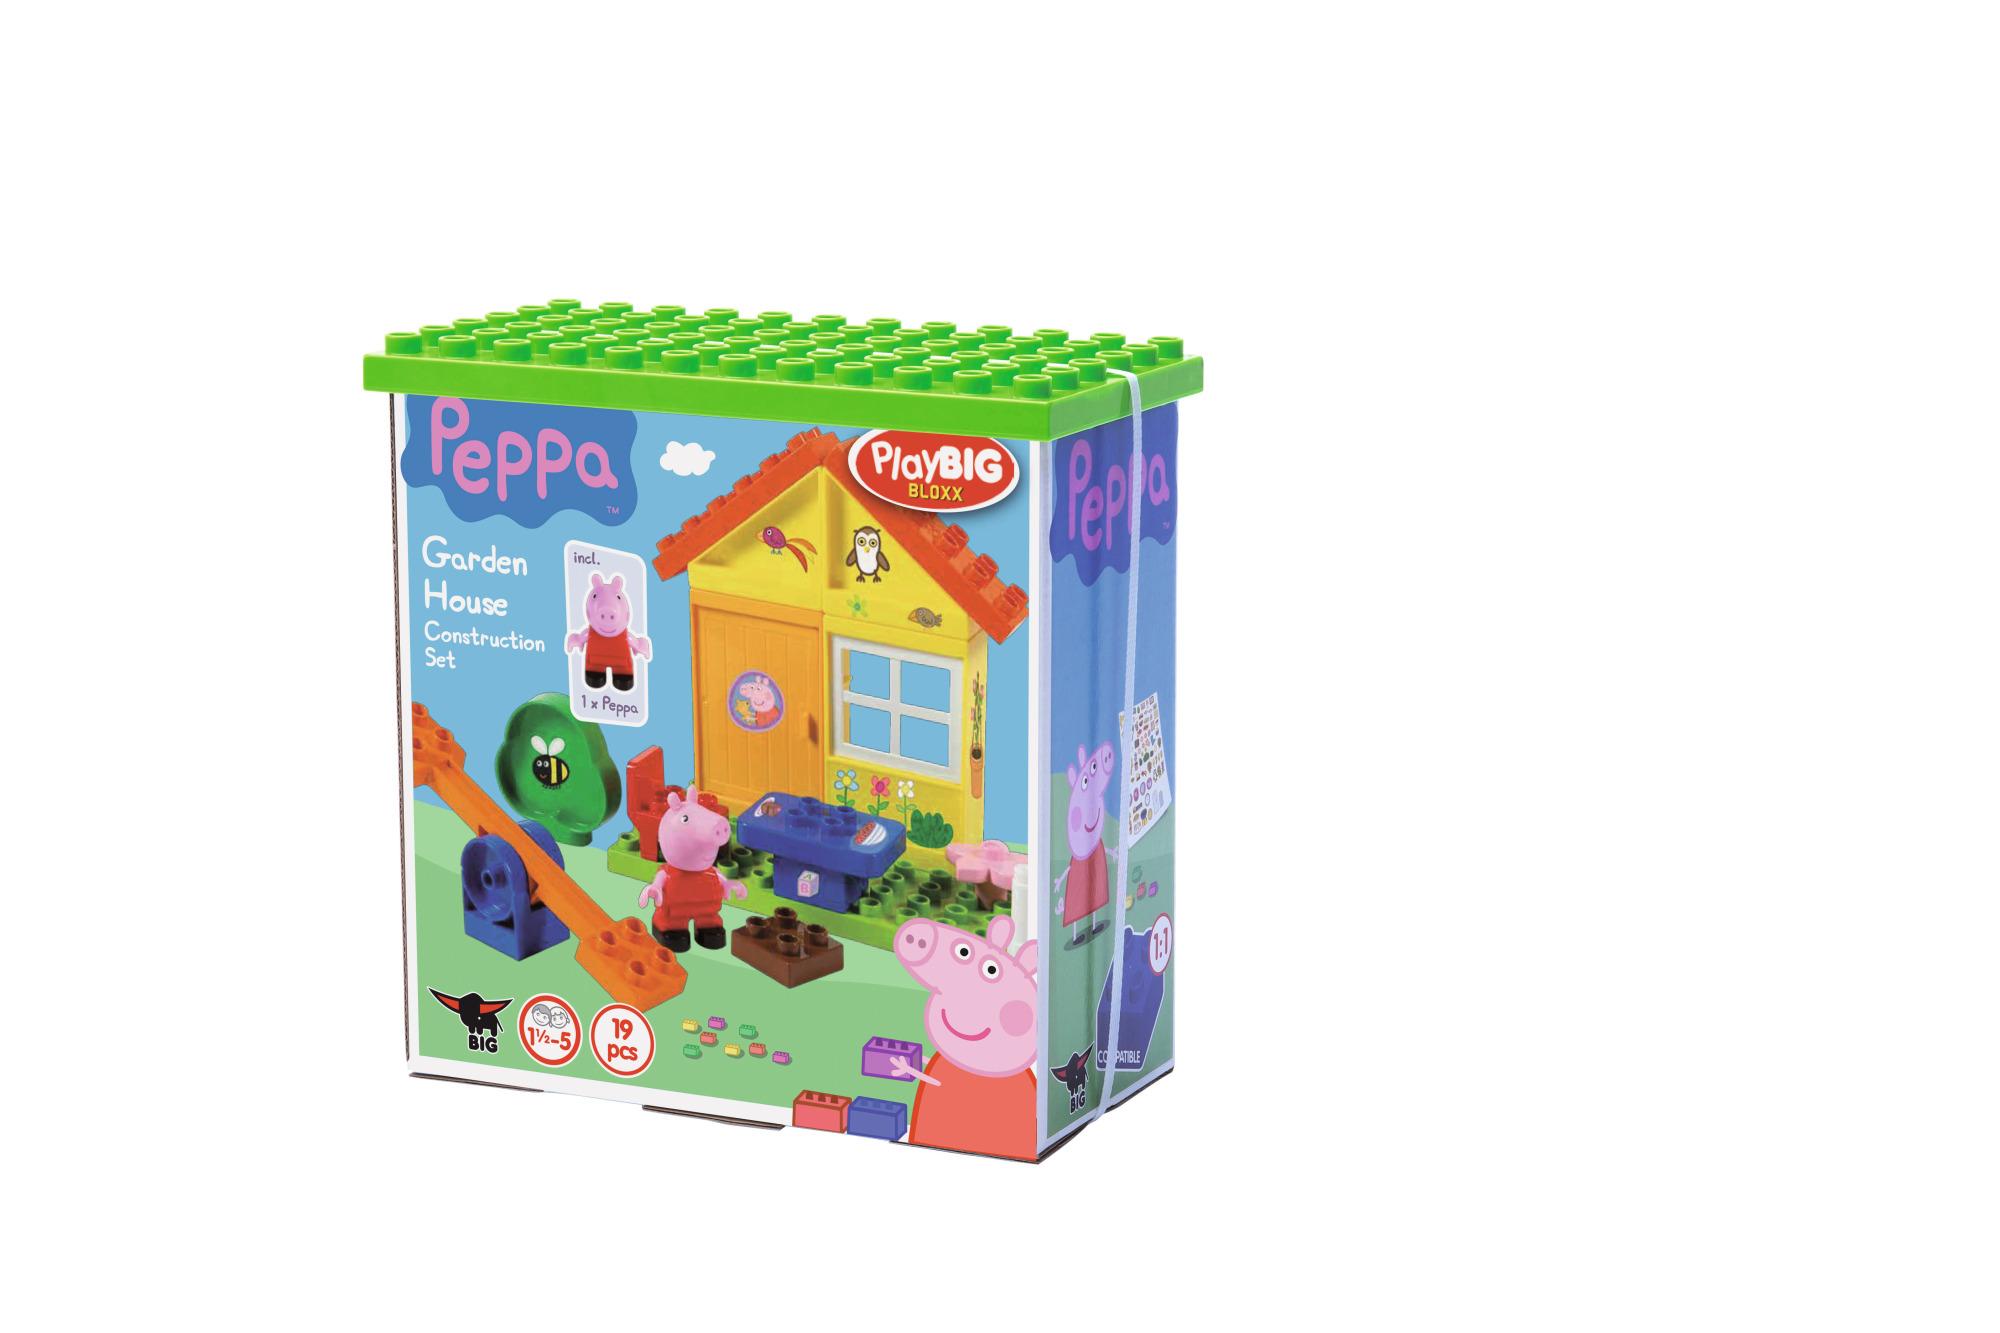 playbig bloxx peppa pig gartenhaus